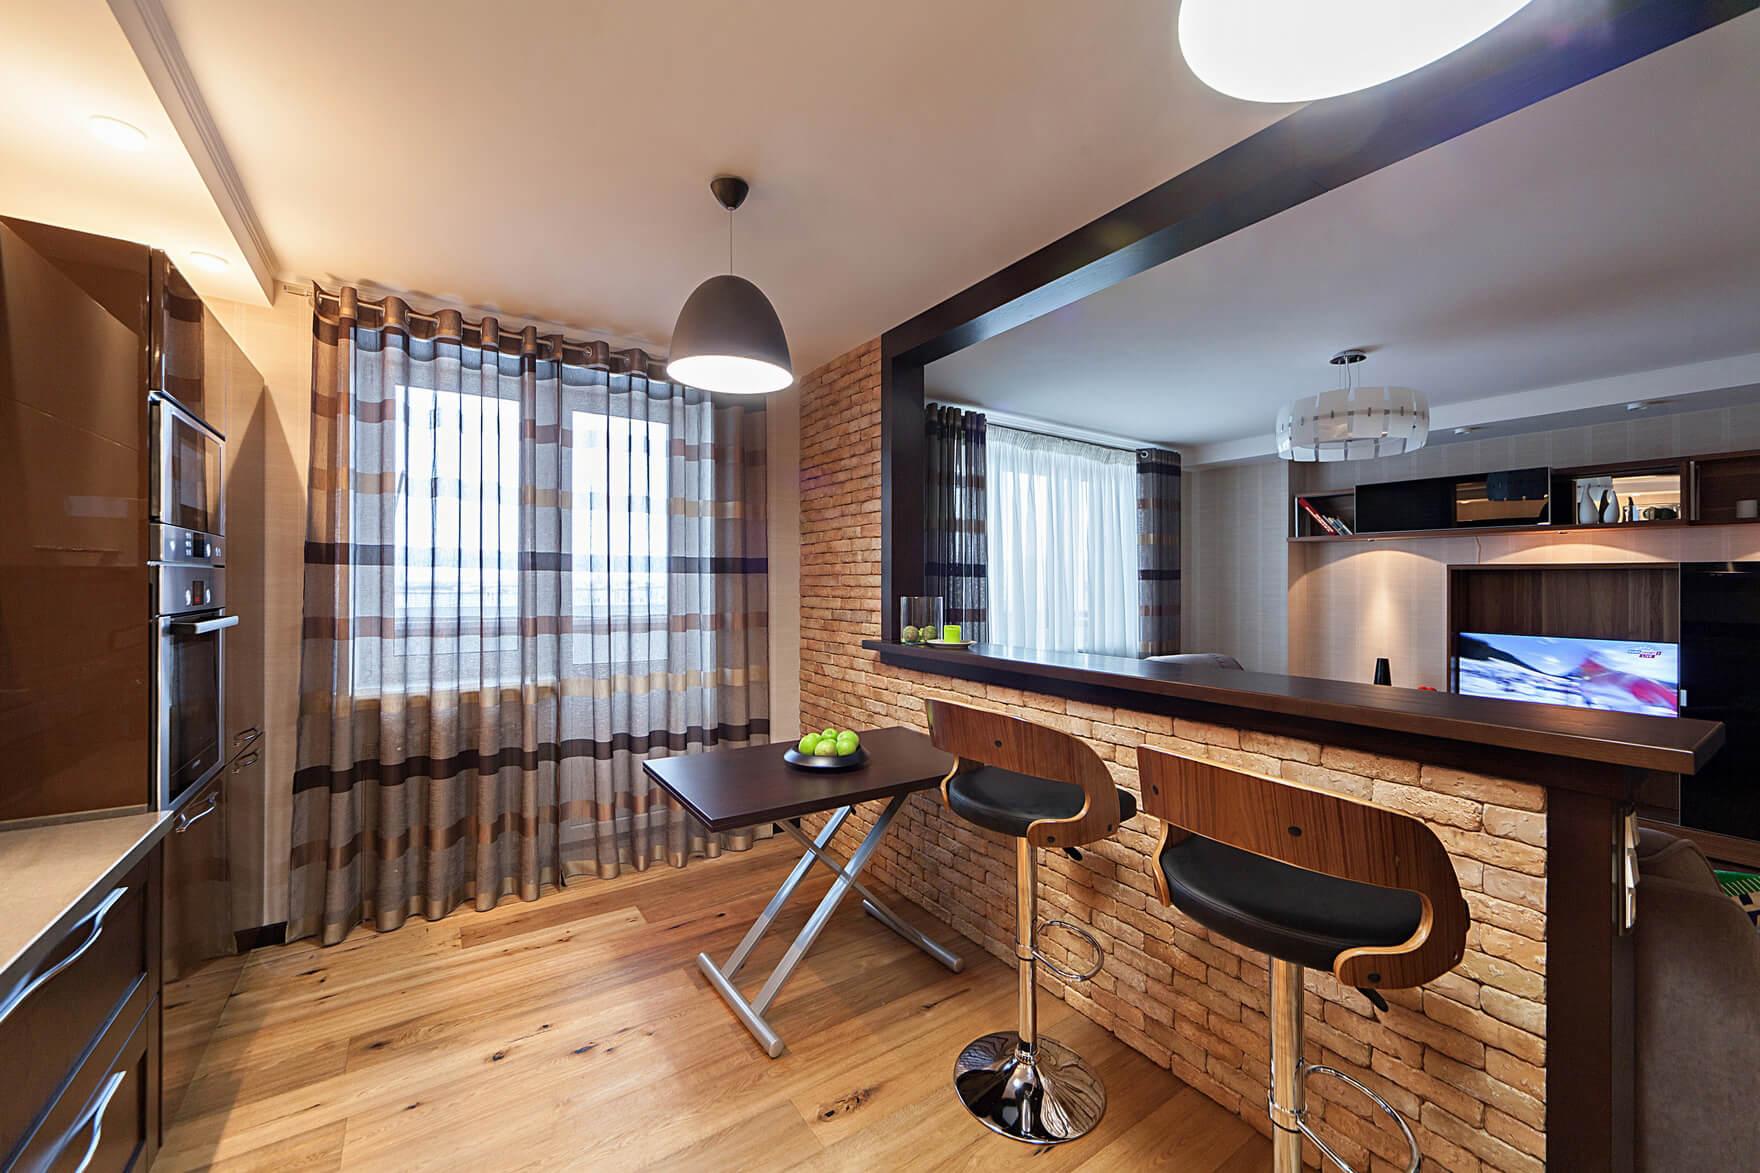 кухня гостиная с барной стойкой в интерьере